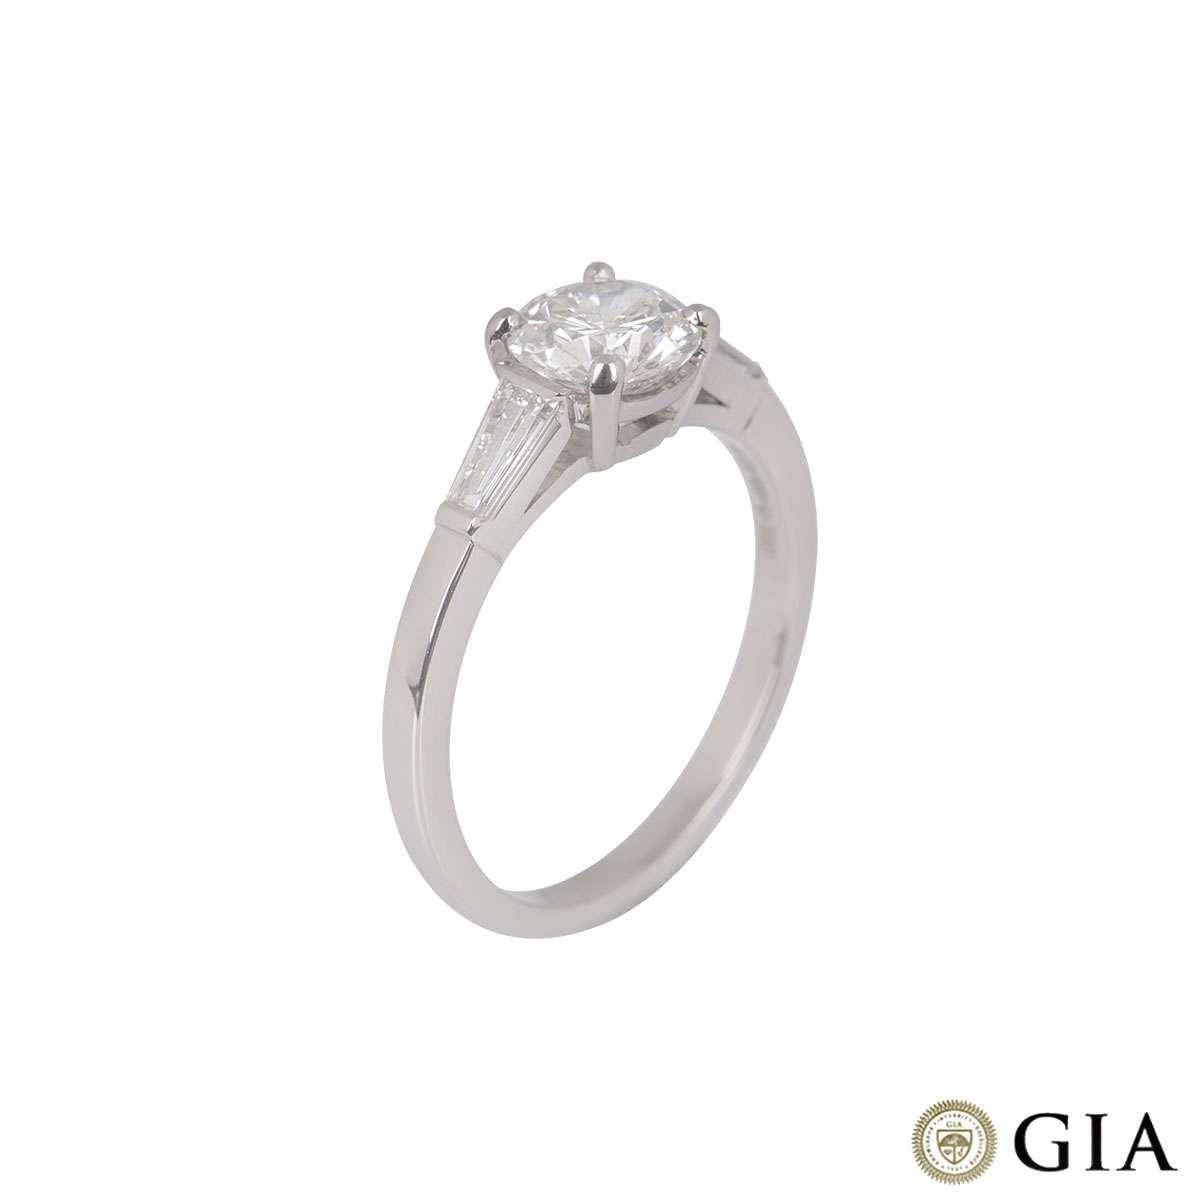 Round Brilliant Cut Diamond Ring in Platinum 1.00ct G/I1